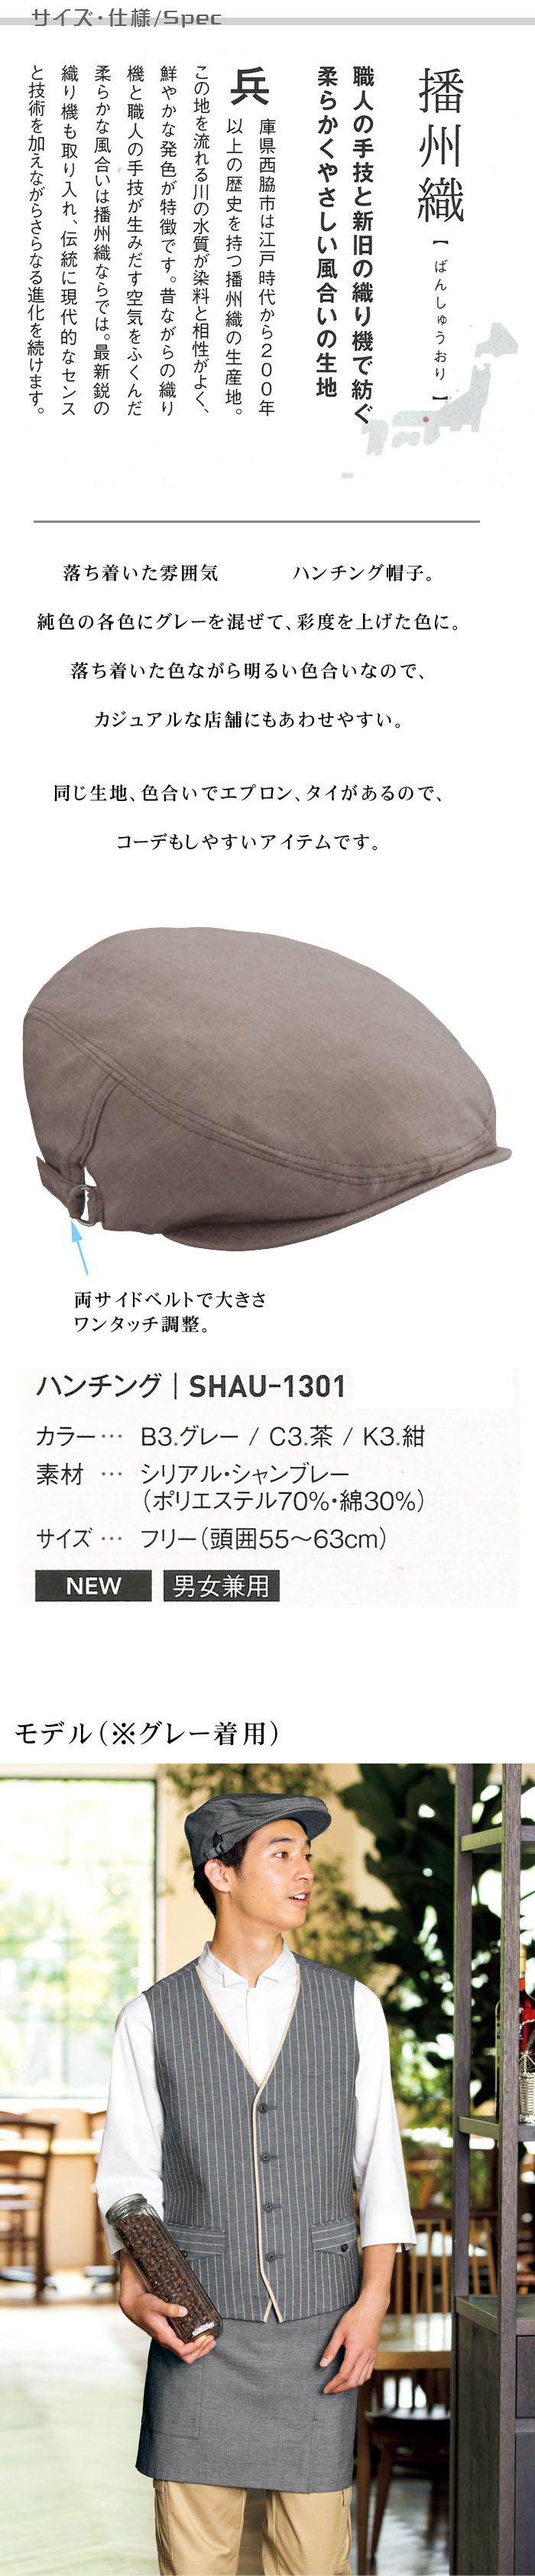 飲食店販売店制服 ハンチング帽 落ち着いた色3色 和にも洋風にも使えて便利 商品サイズ、スペック説明